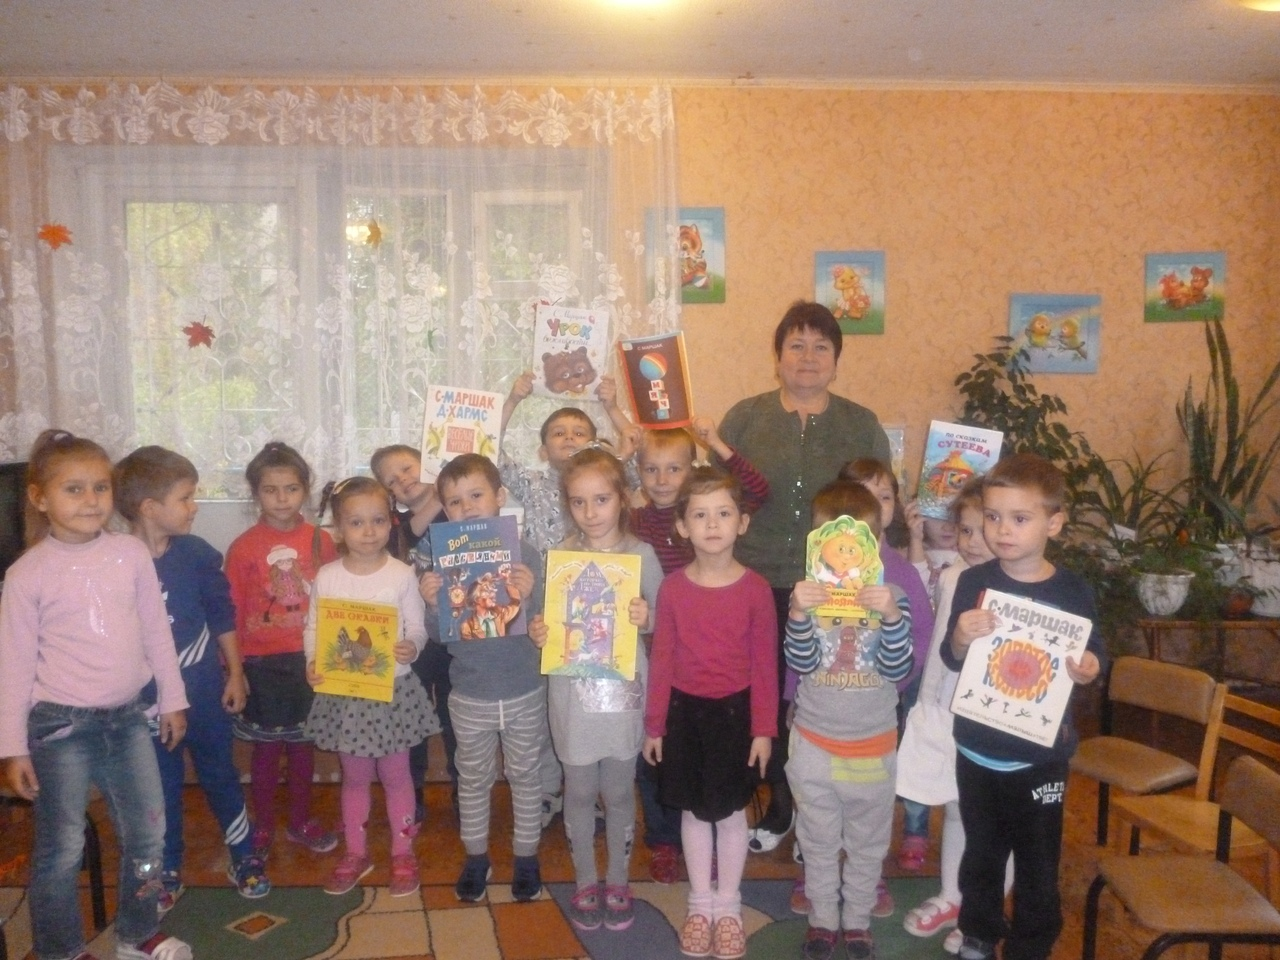 день поезии маршака, акция воронежской библиотеки, международное сотрудничество,Донецкая республиканская библиотека для детей